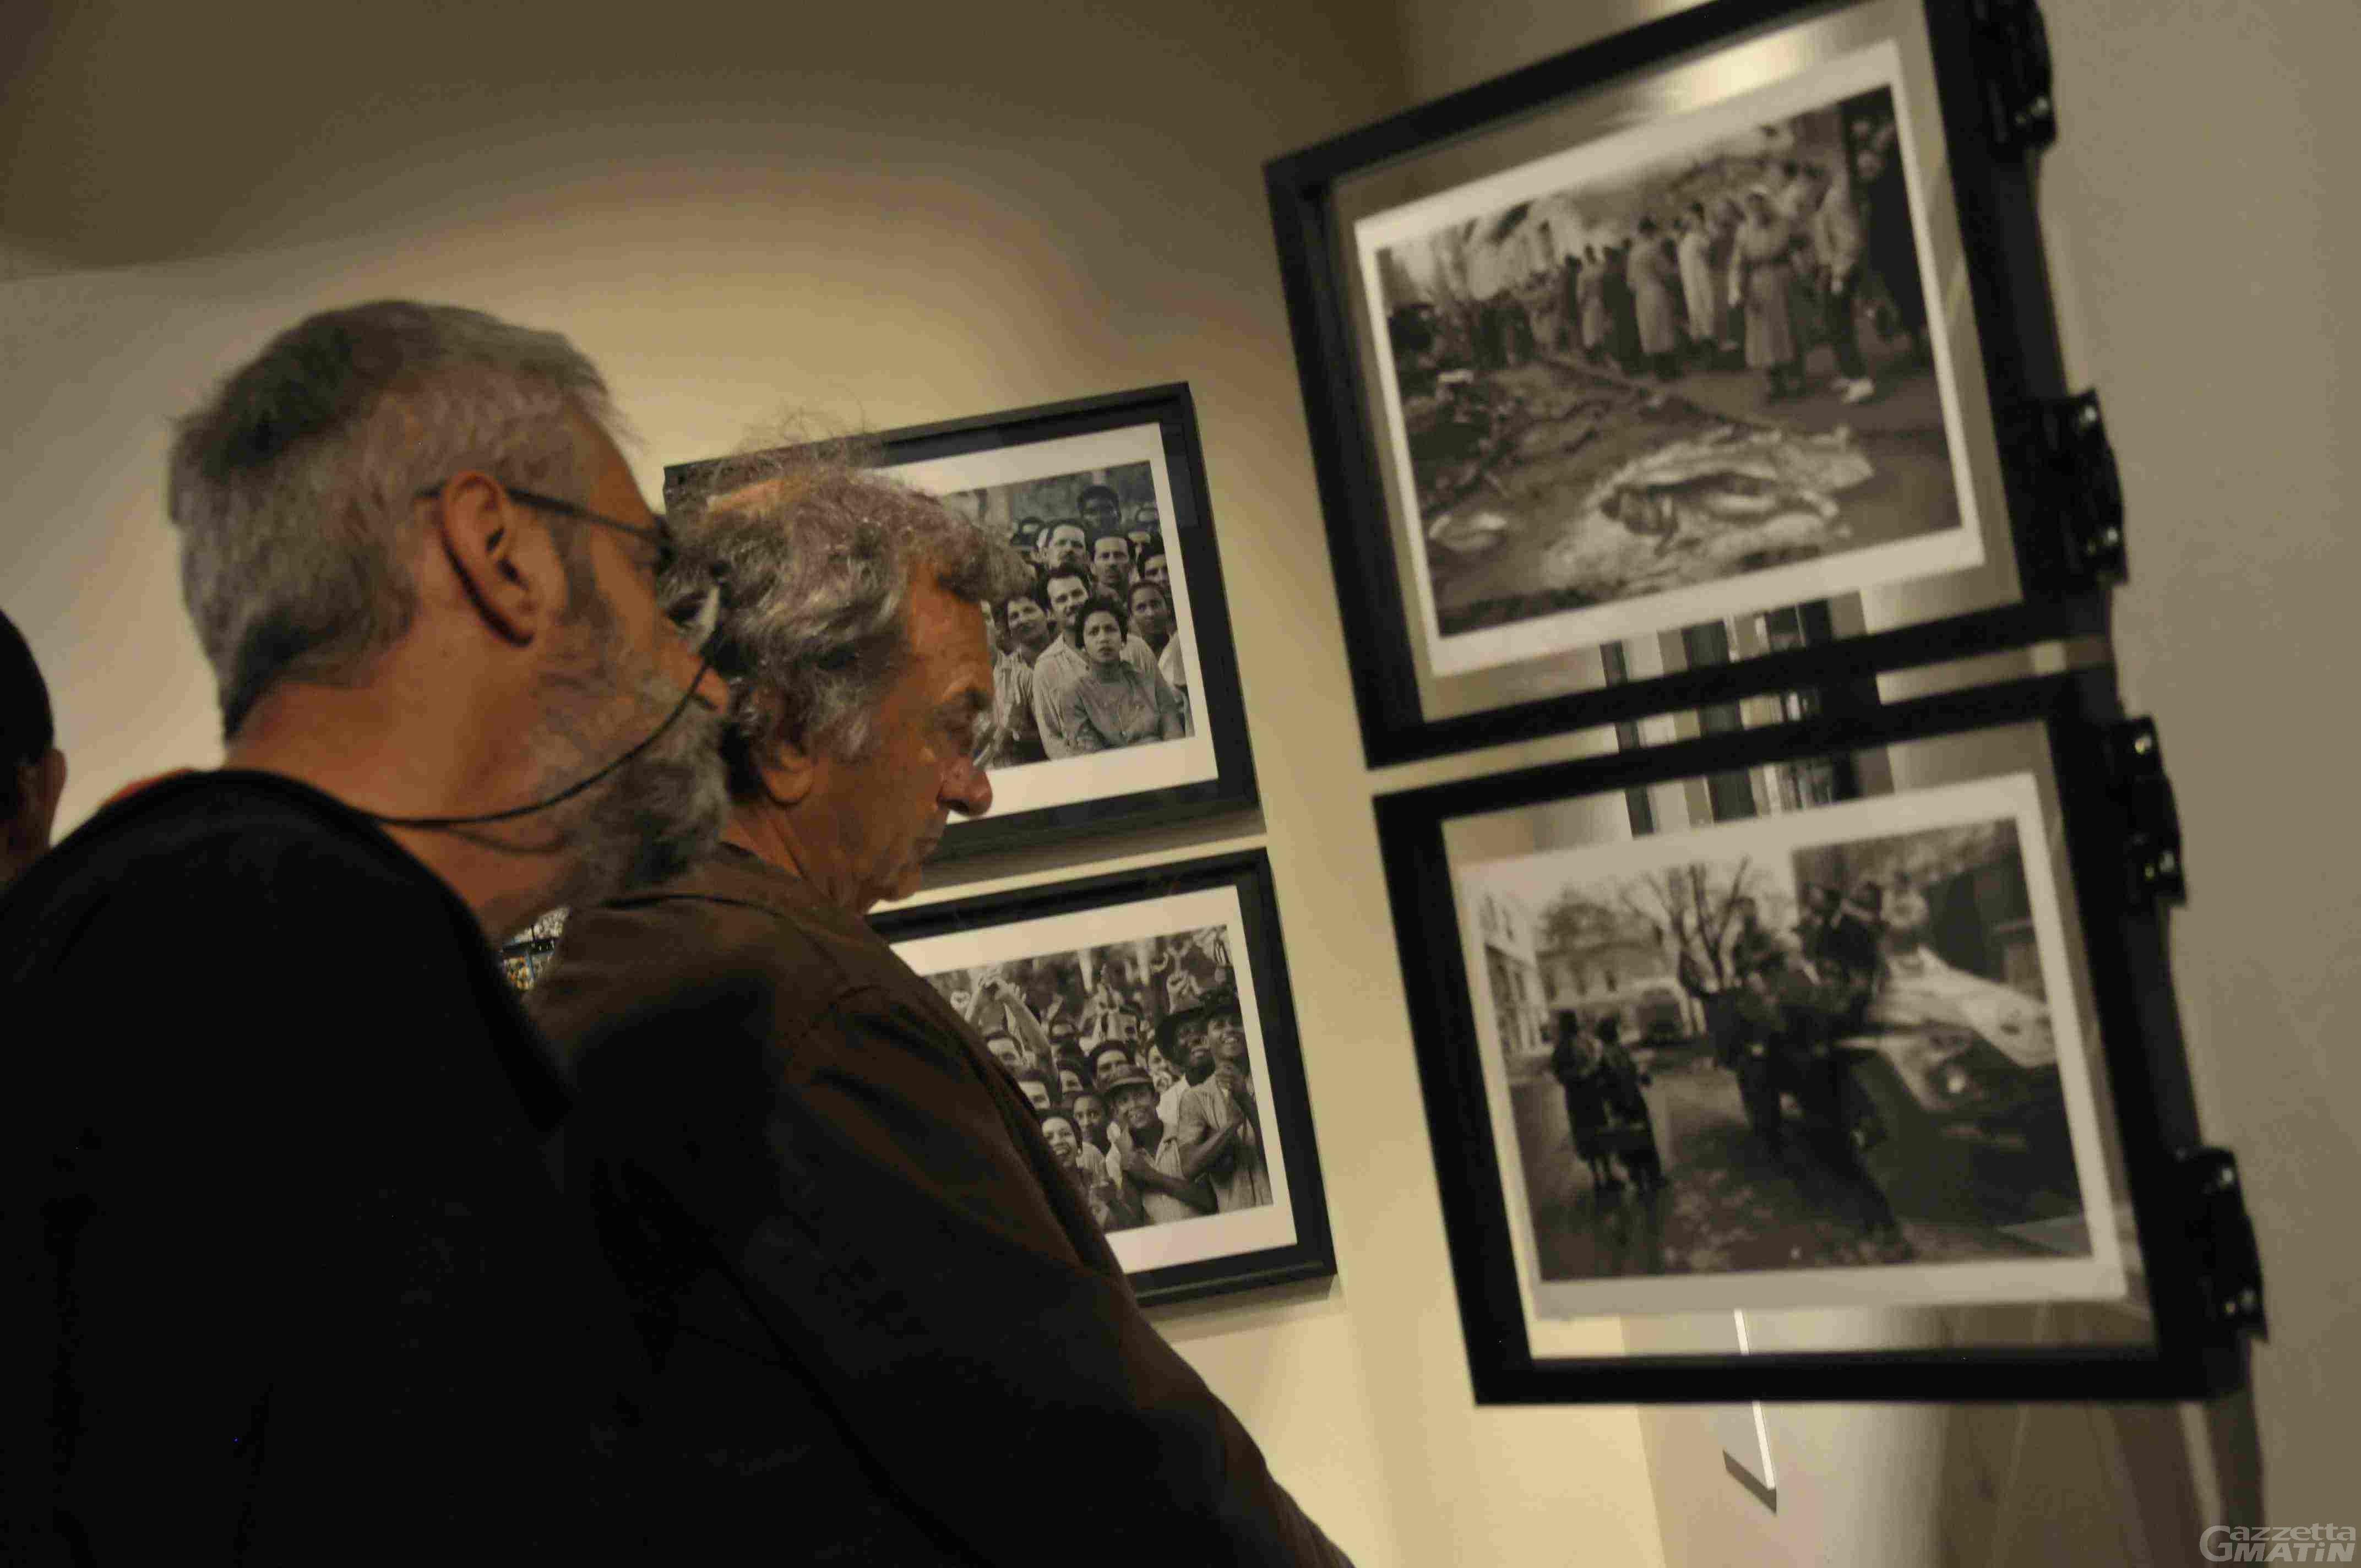 Monumenti: il Forte di Bard batte la Pinacoteca Agnelli